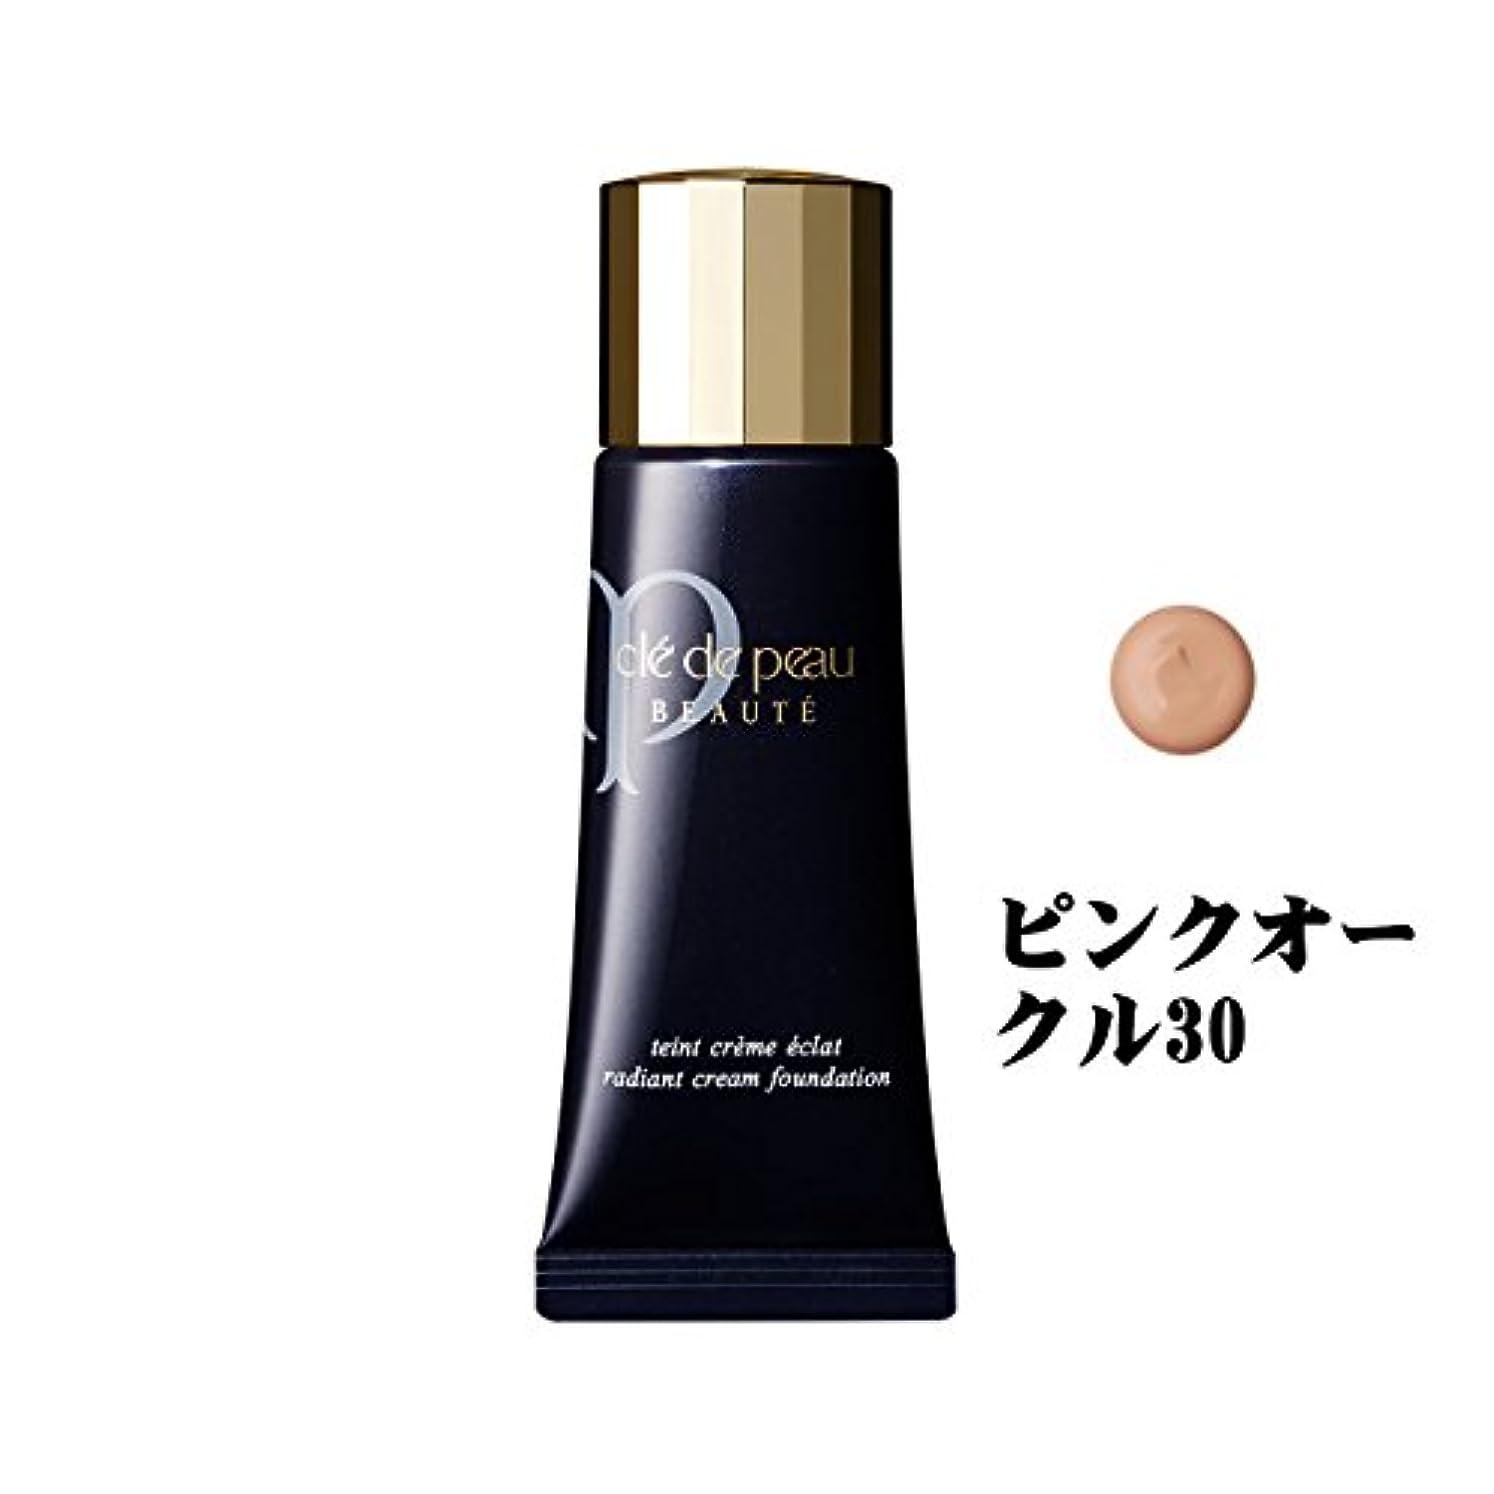 逸脱変形する絵資生堂/shiseido クレドポーボーテ/CPB タンクレームエクラ クリームタイプ SPF25?PA++ ピンクオークル30